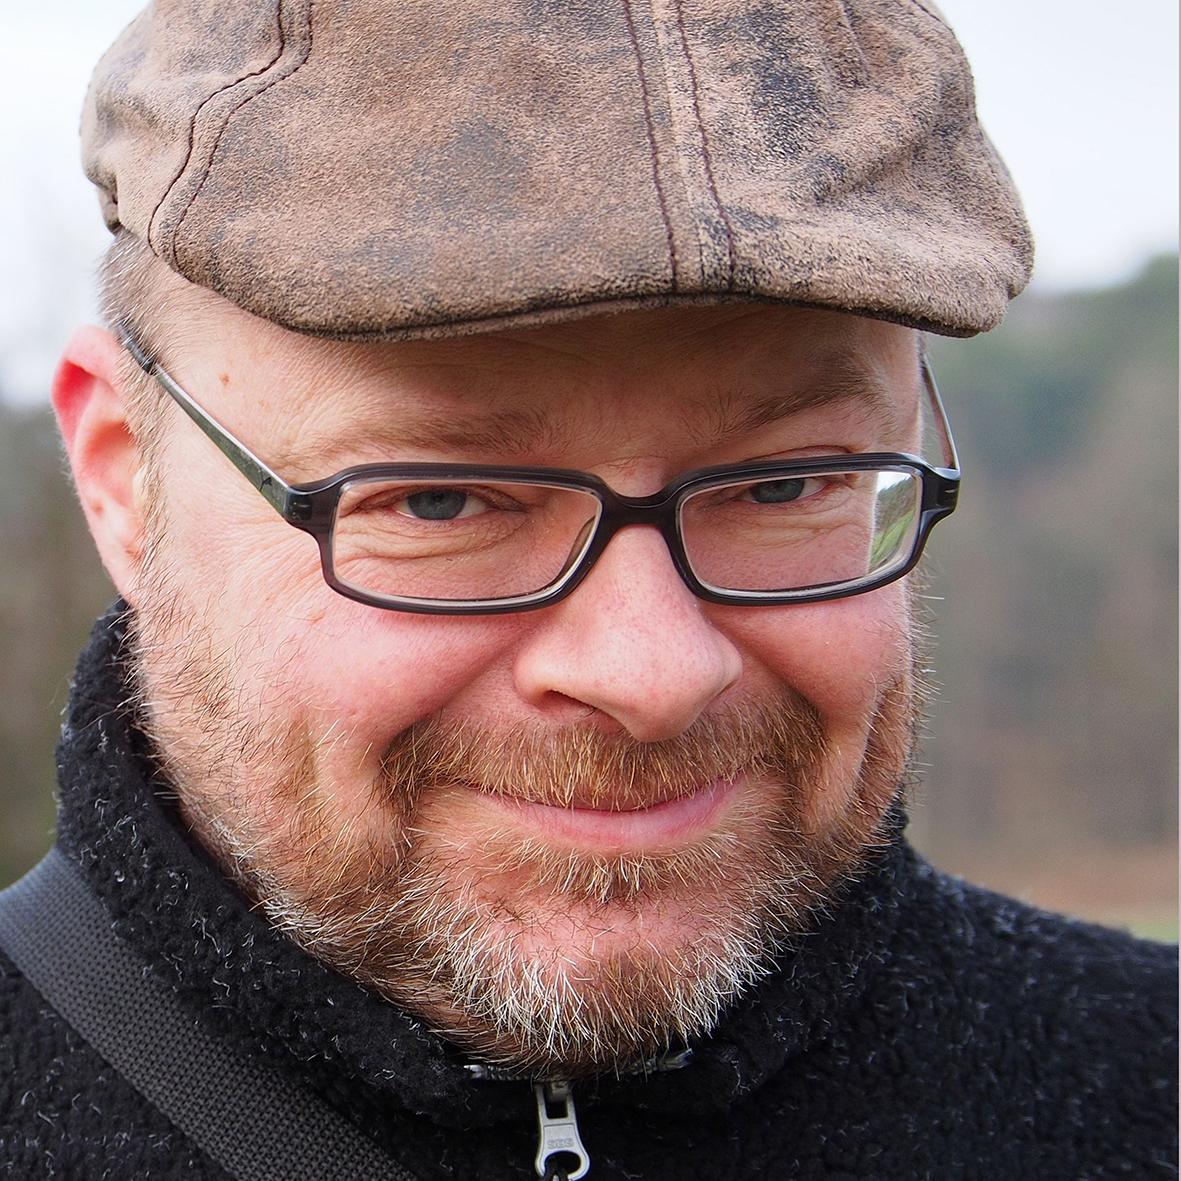 Michael Nübel